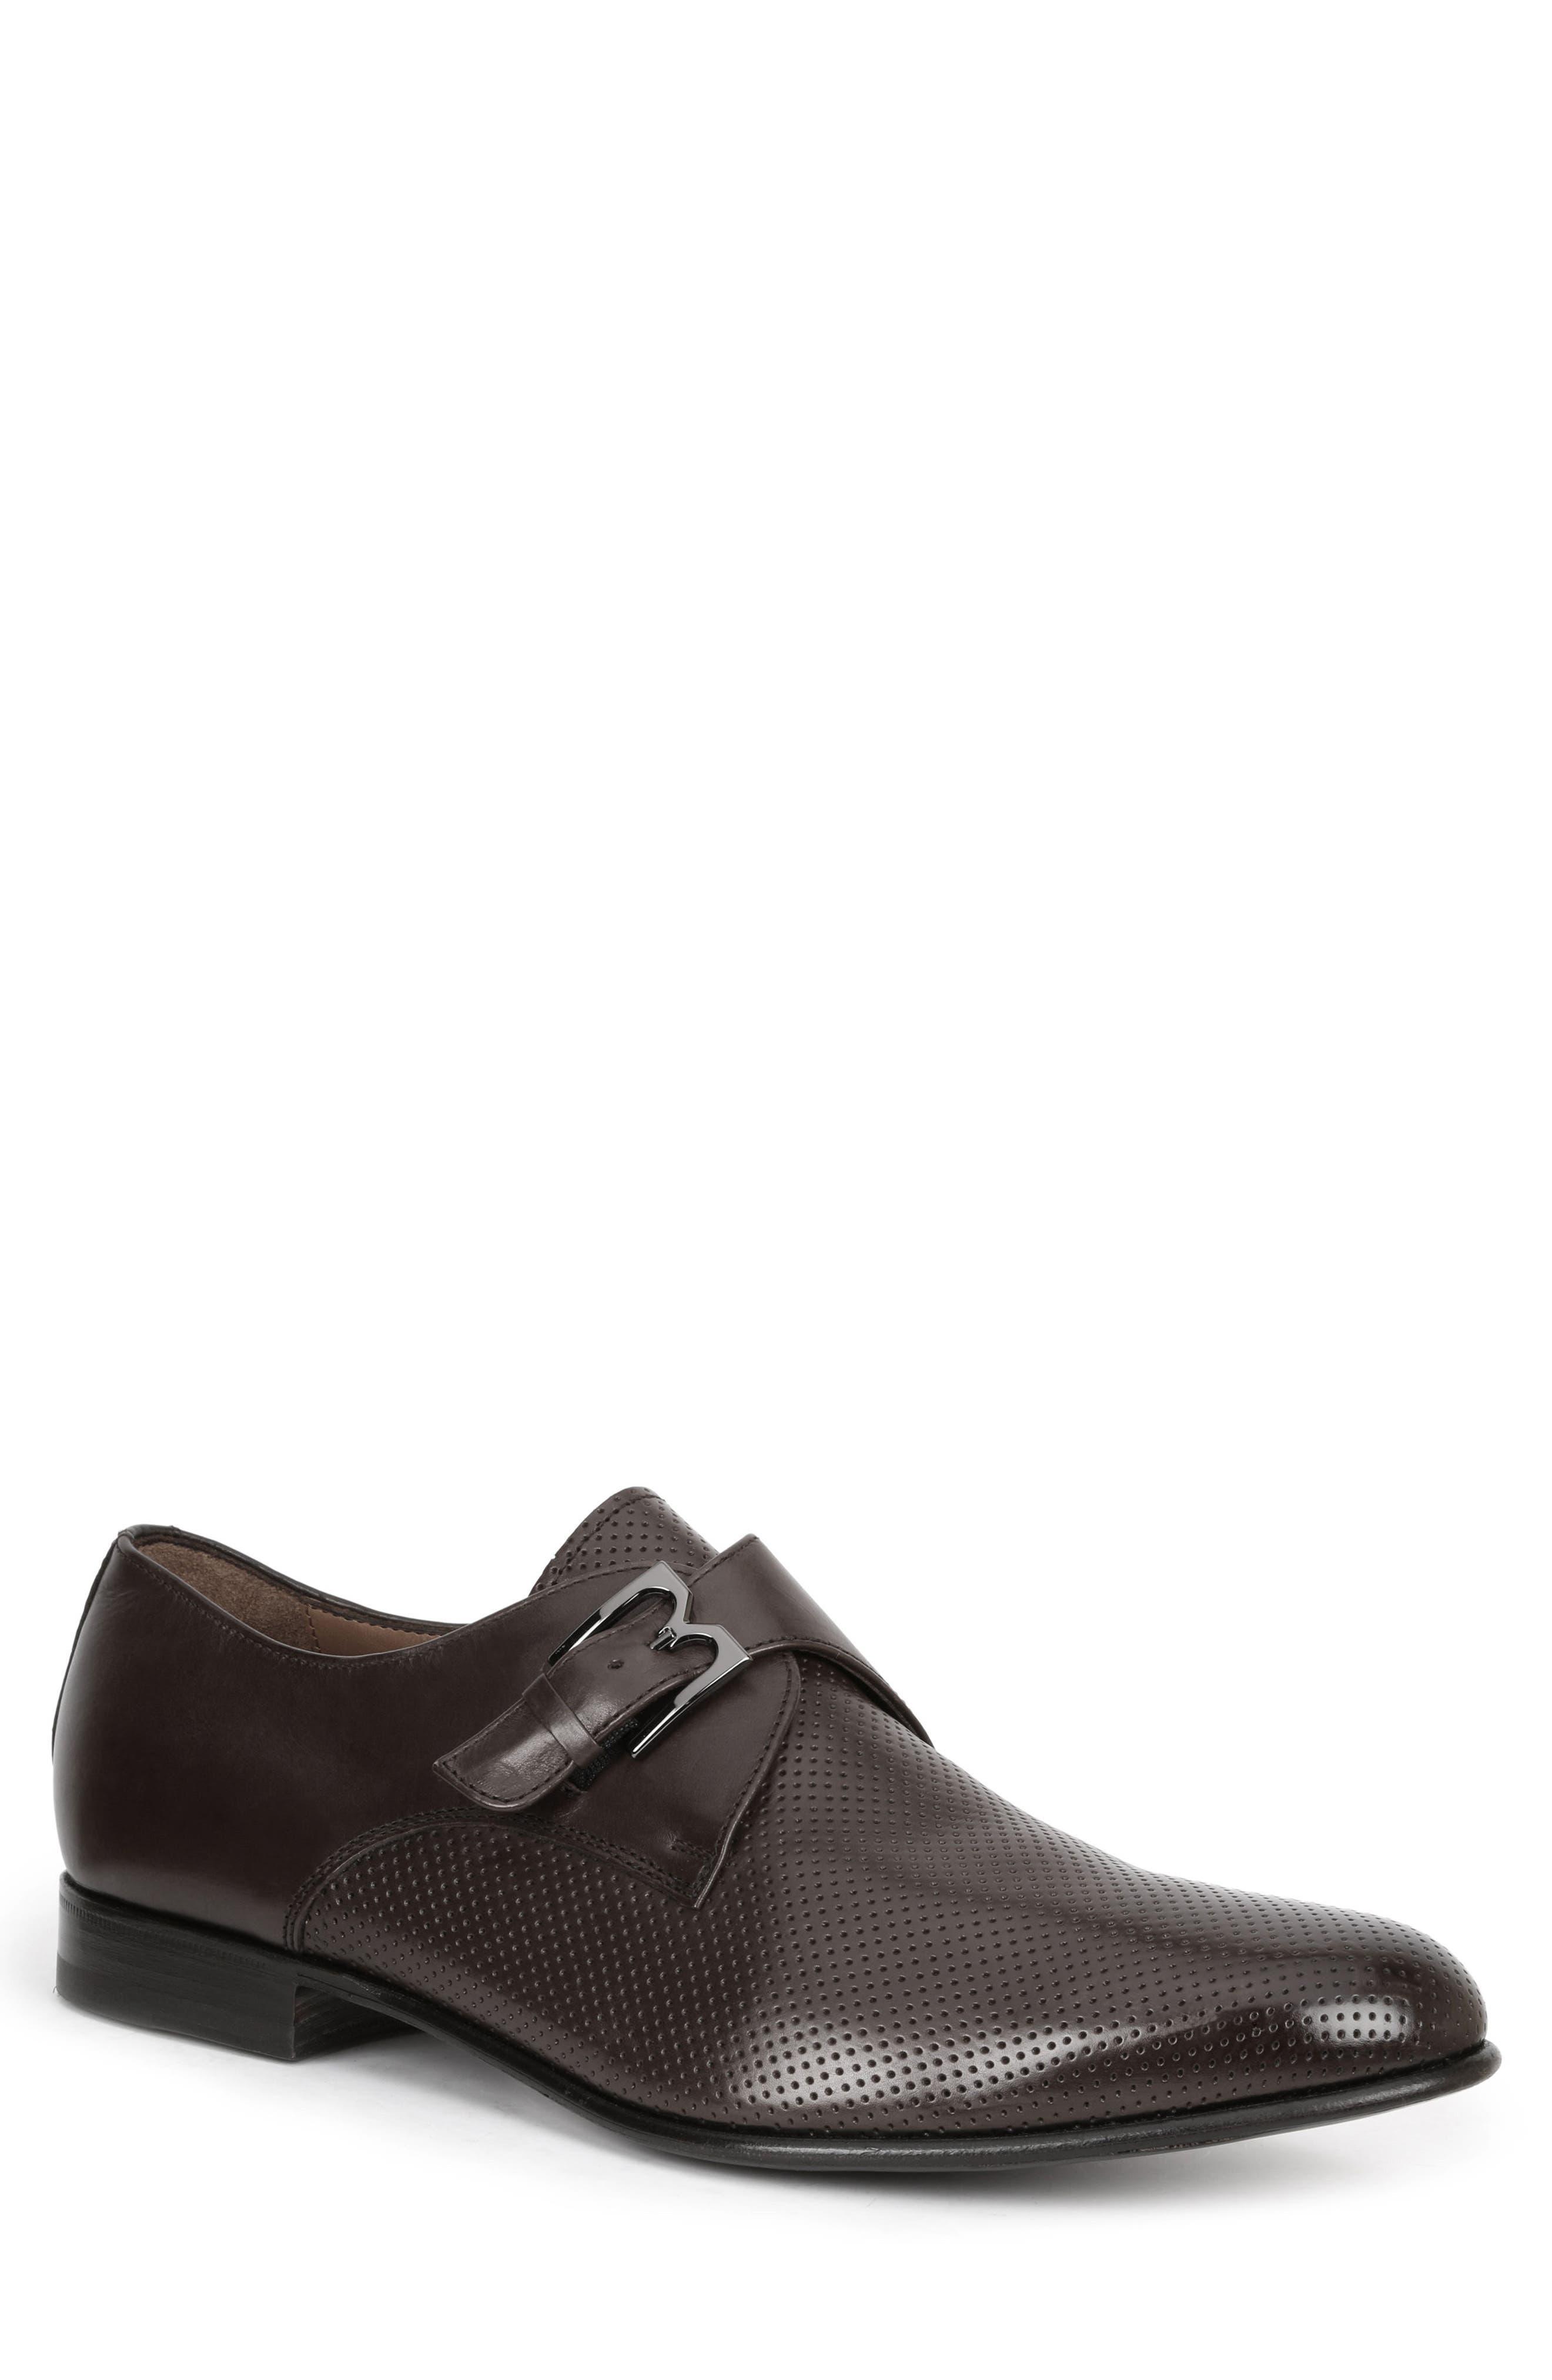 BRUNO MAGLI 'Vitale' Monk Strap Shoe